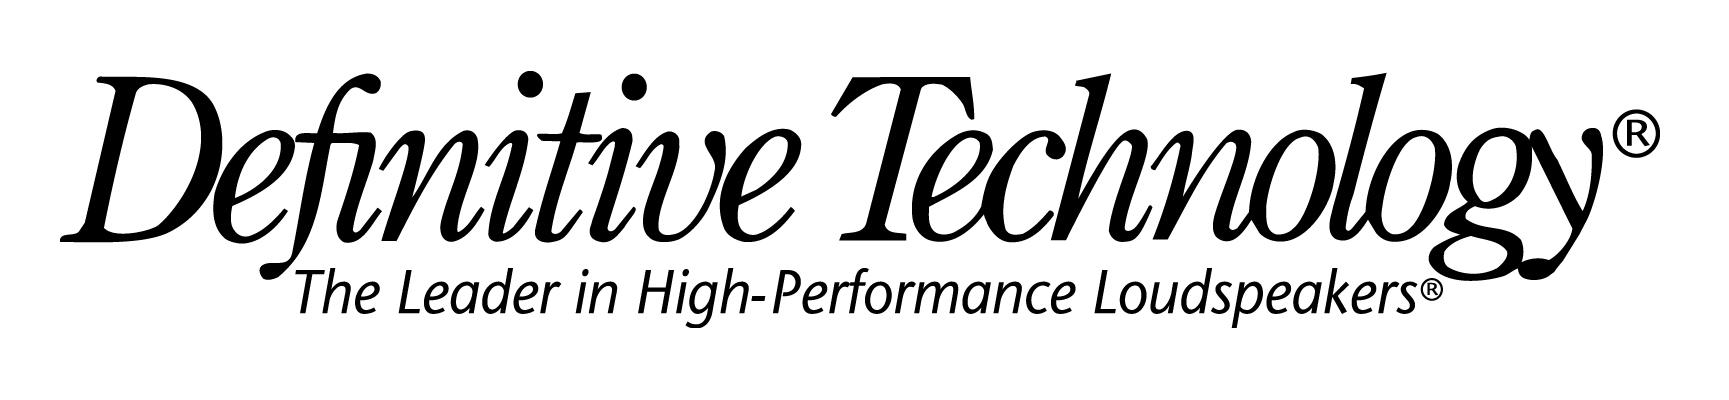 Footer - Logo - DT